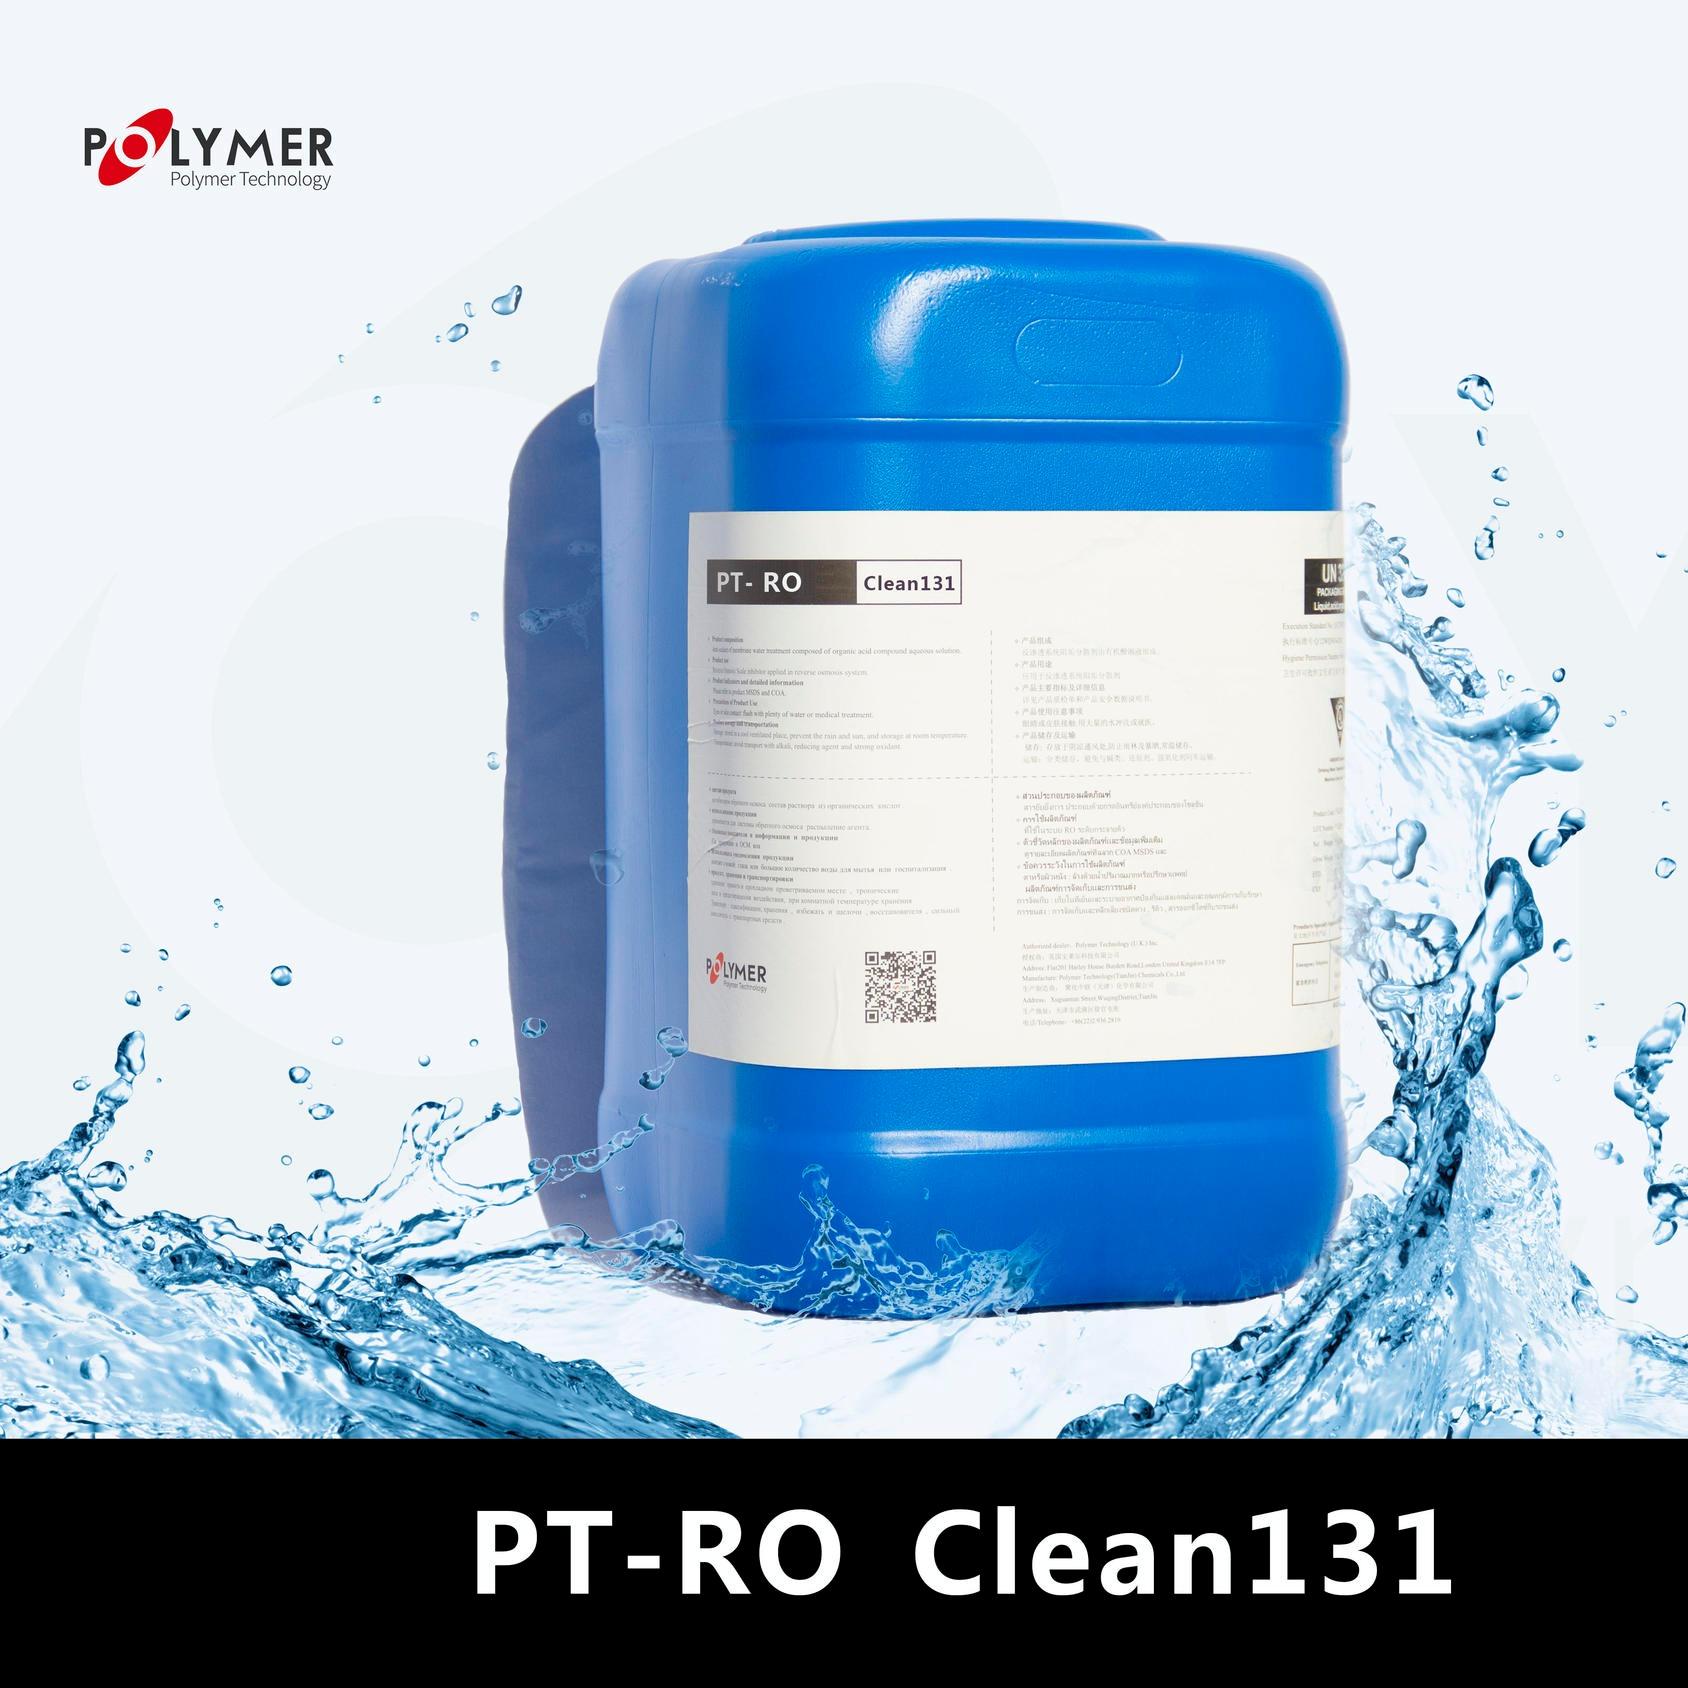 宝莱尔 反渗透碱性清洗剂  PT-RO Clean131 反渗透清洗 英国POLYME品牌 厂家直供 价格面谈